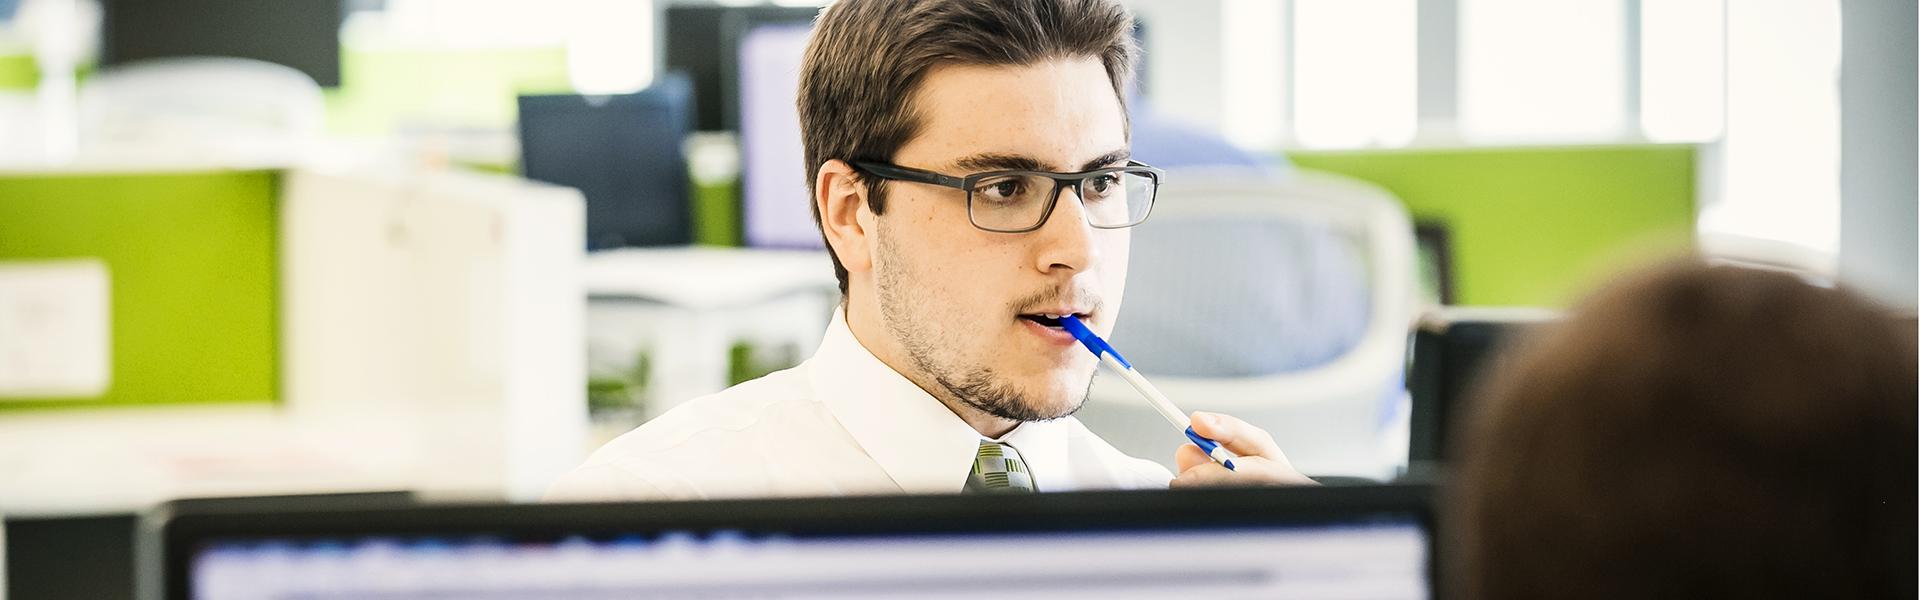 Étudiant au programme Techniques de comptabilité et gestion qui réfléchit en manipulant un stylo